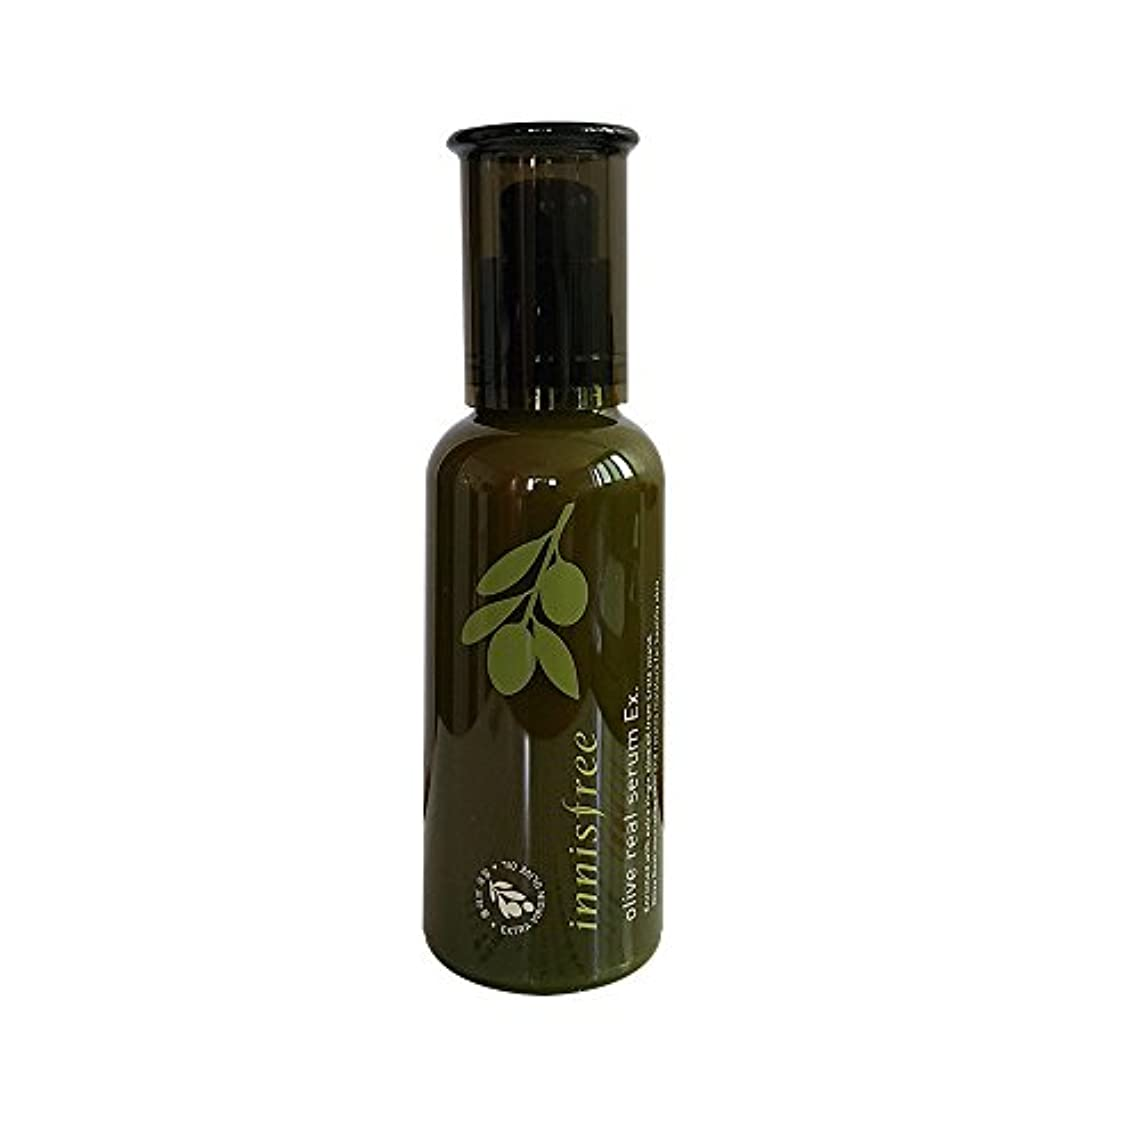 非公式許容超越するイニスフリー Innisfree オリーブリアルセラム(50ml) Innisfree Olive Real Serum(50ml) [海外直送品]